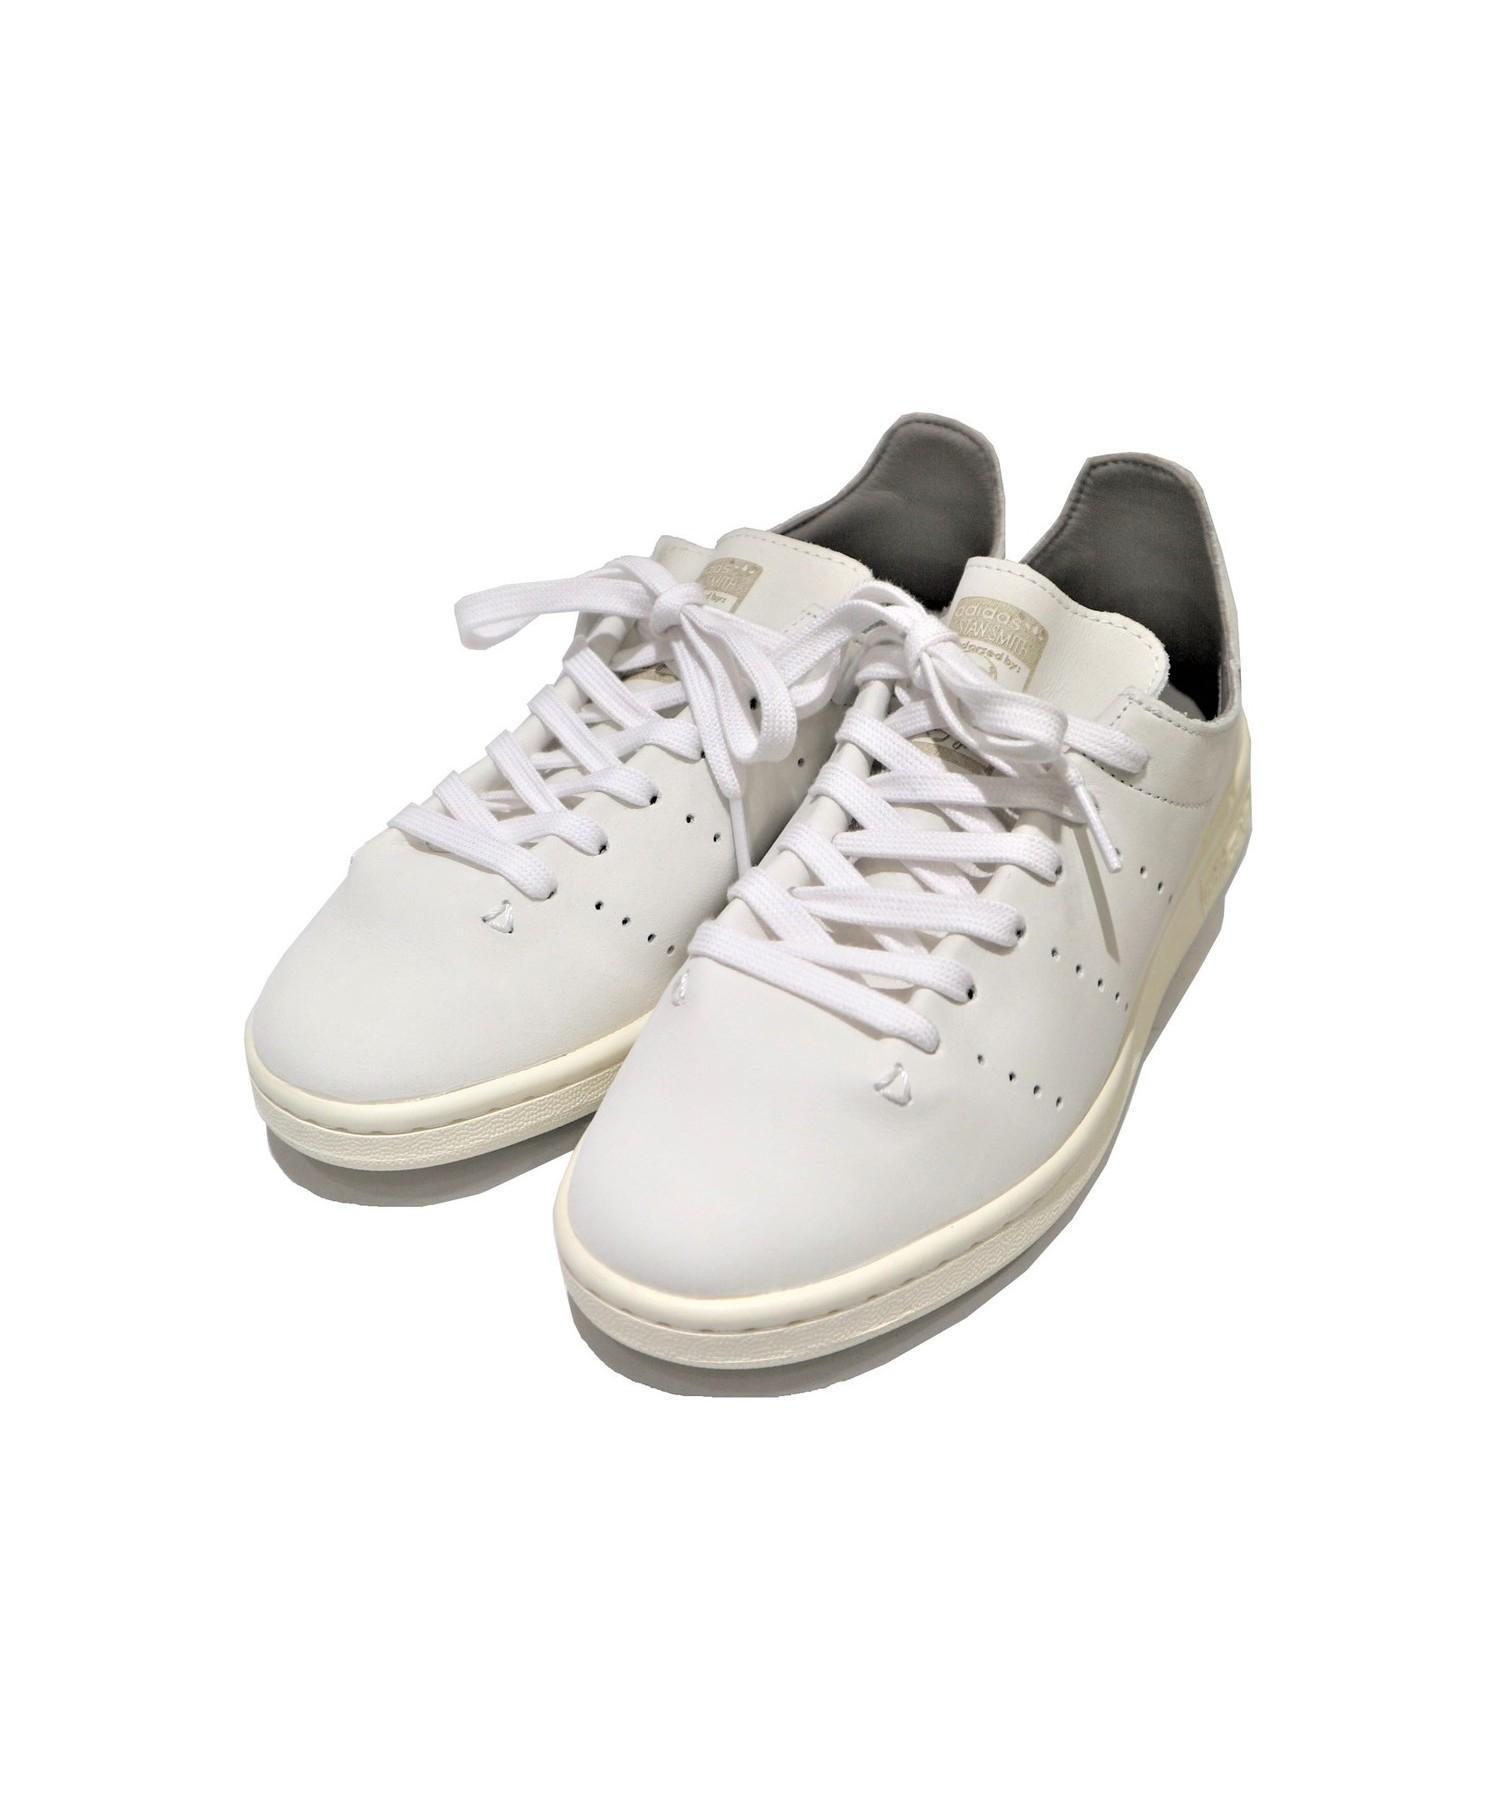 [中古]adidas originals(アディダスオリジナル)のメンズ シューズ STAN SMITH LEA SOCK